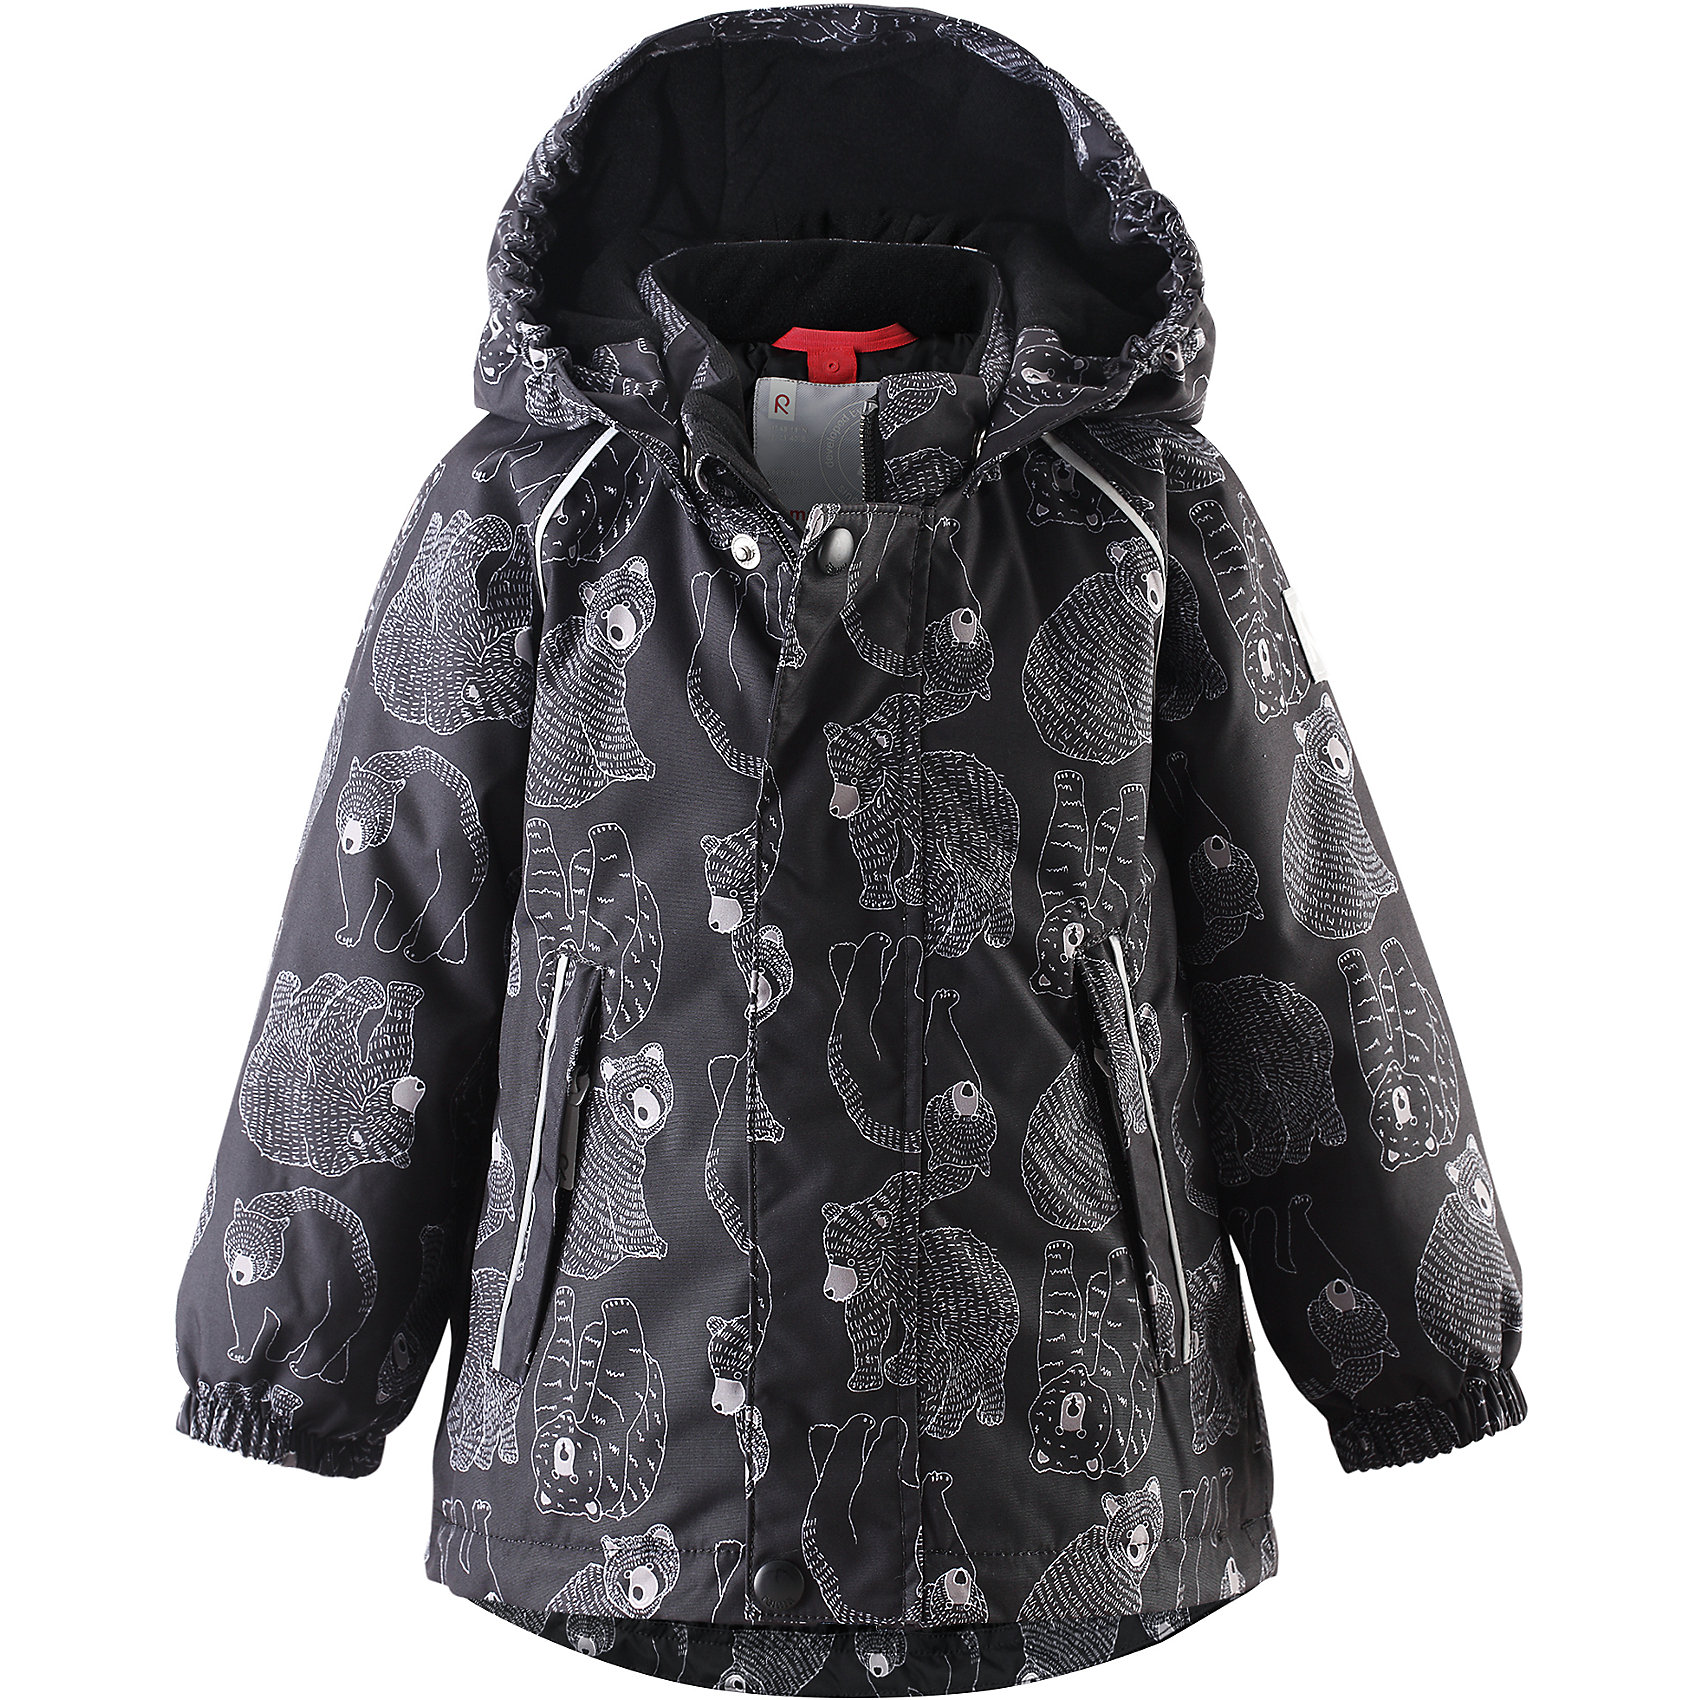 Куртка Bjorn Reimatec® ReimaОдежда<br>Куртка от финского бренда Reimatec® Reima.<br>Зимняя куртка для малышей. Все швы проклеены и водонепроницаемы. Водо- и ветронепроницаемый, «дышащий» и грязеотталкивающий материал. Гладкая подкладка из полиэстра. Безопасный, отстегивающийся и регулируемый капюшон. Эластичные манжеты. Регулируемый подол. Два кармана на молнии. Принт по всей поверхности. Безопасные светоотражающие детали.<br>Рекомендация по уходу:<br>Стирать по отдельности, вывернув наизнанку. Застегнуть молнии и липучки. Стирать моющим средством, не содержащим отбеливающие вещества. Полоскать без специального средства. Во избежание изменения цвета изделие необходимо вынуть из стиральной машинки незамедлительно после окончания программы стирки. Можно сушить в сушильном шкафу или центрифуге (макс. 40° C).<br>Состав:<br>100% ПЭ, ПУ-покрытие<br>Вес утеплителя:160 g<br><br>Ширина мм: 356<br>Глубина мм: 10<br>Высота мм: 245<br>Вес г: 519<br>Цвет: черный<br>Возраст от месяцев: 6<br>Возраст до месяцев: 9<br>Пол: Мужской<br>Возраст: Детский<br>Размер: 74,98,80,86,92<br>SKU: 5086977